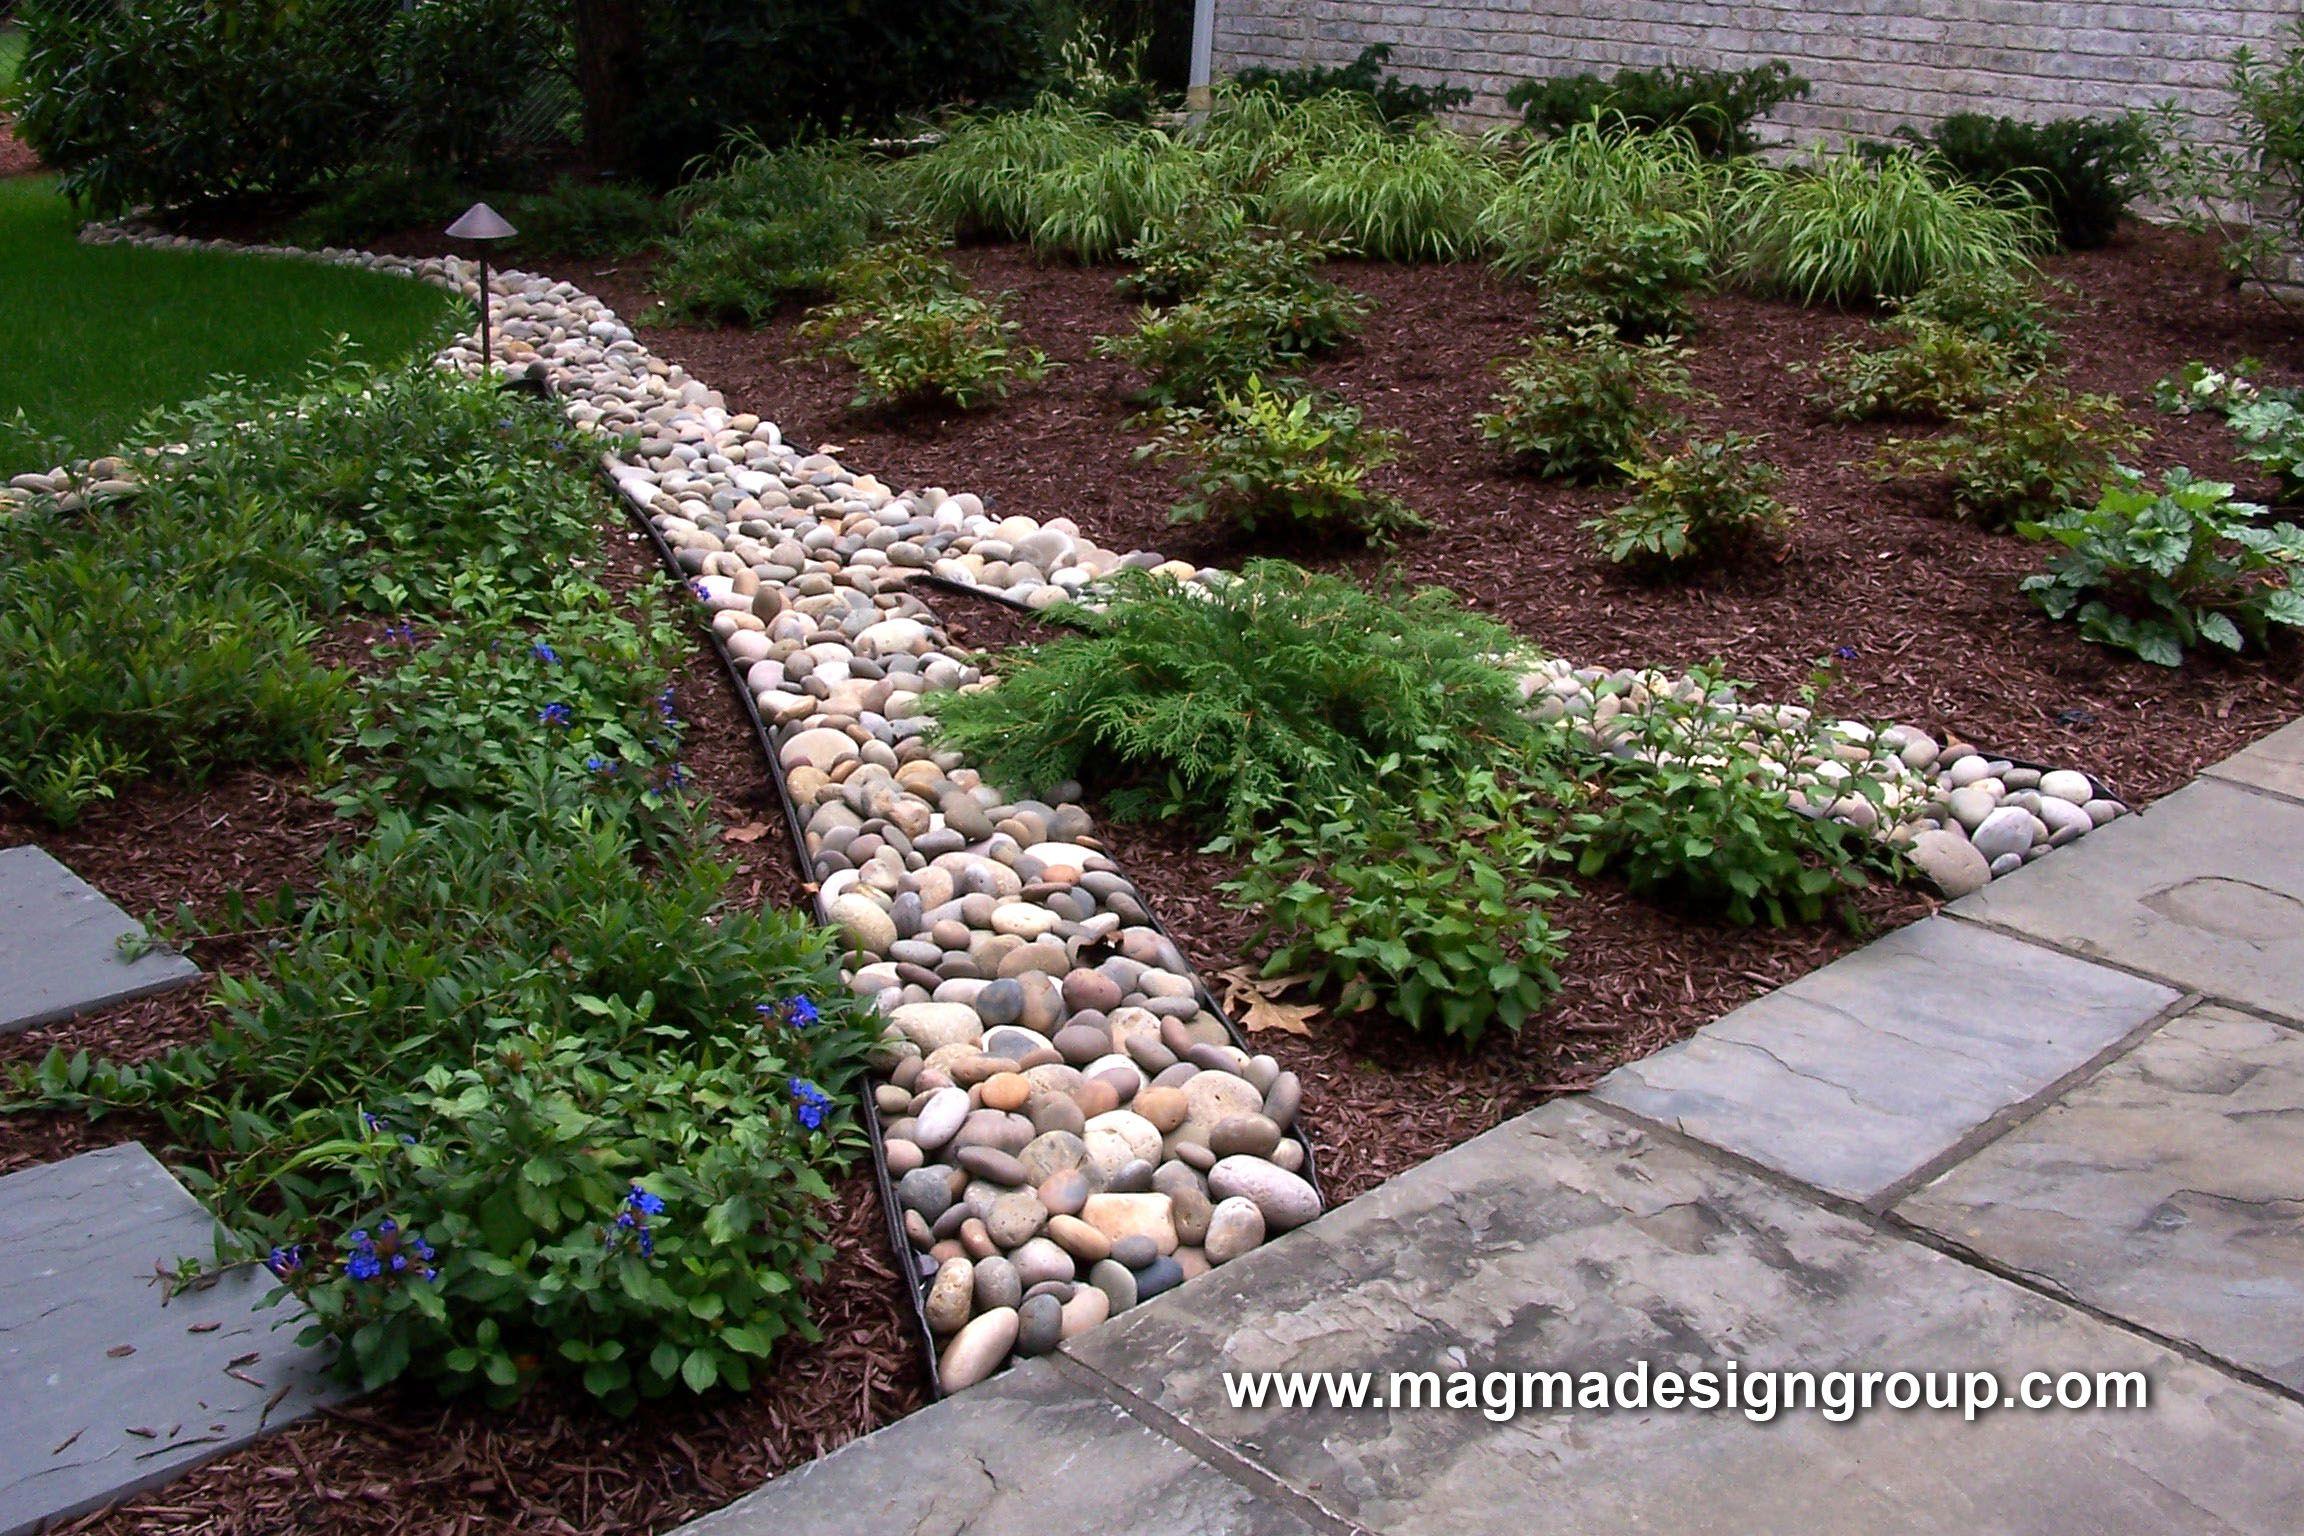 Aluminum Landscape Edging Installation Ideas Garden Edging Landscaping With Rocks Landscape Edging